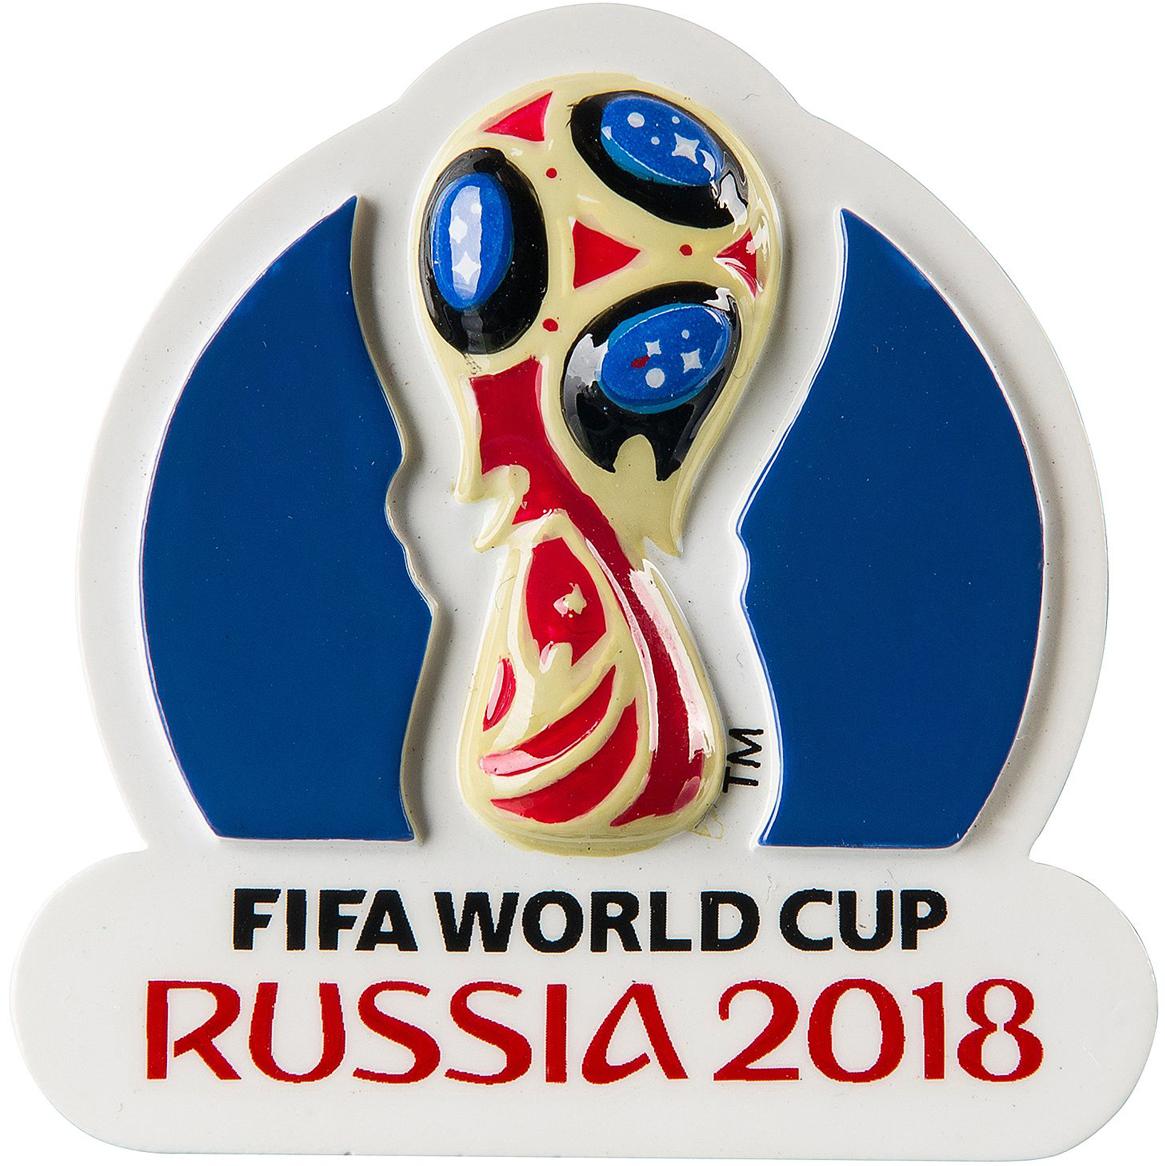 Магнит сувенирный FIFA 2018 Кубок магнит сувенирный fifa 2018 кубок 6 х 13 см сн538